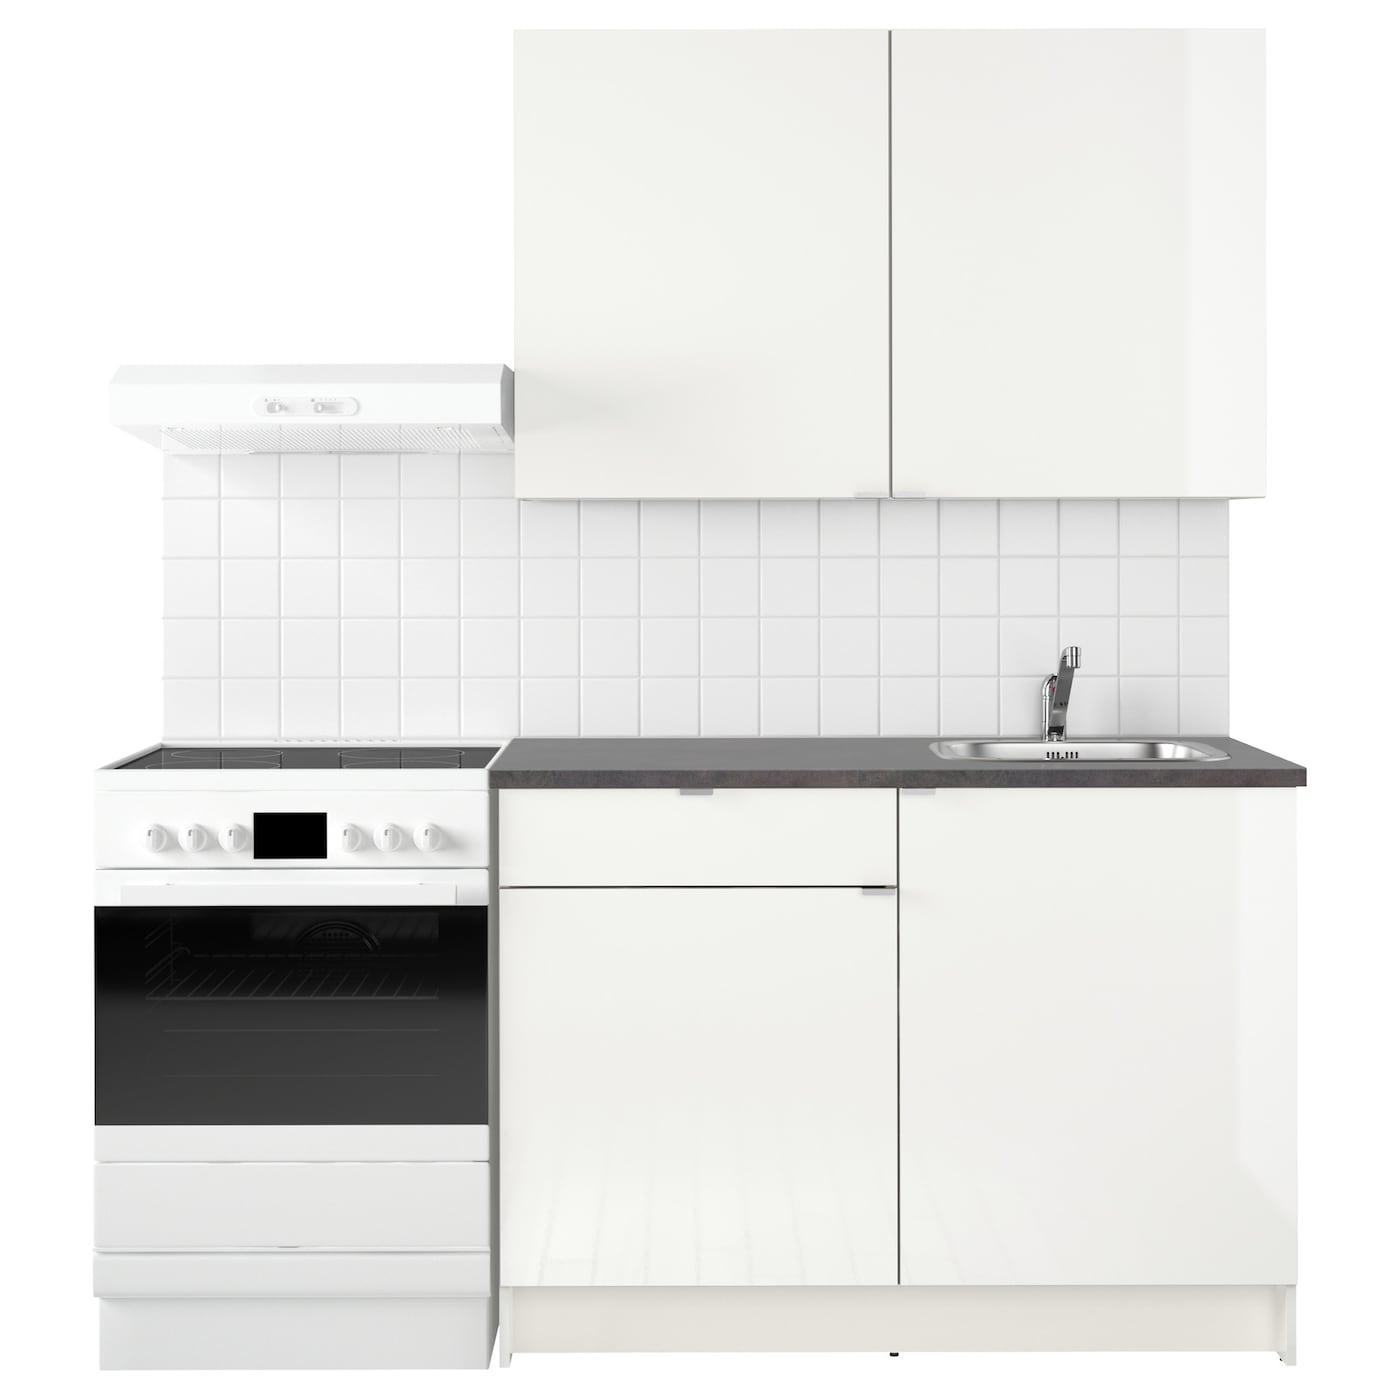 Ungewöhnlich Küchentüren Ikea Einheiten Uk Passen Zeitgenössisch ...